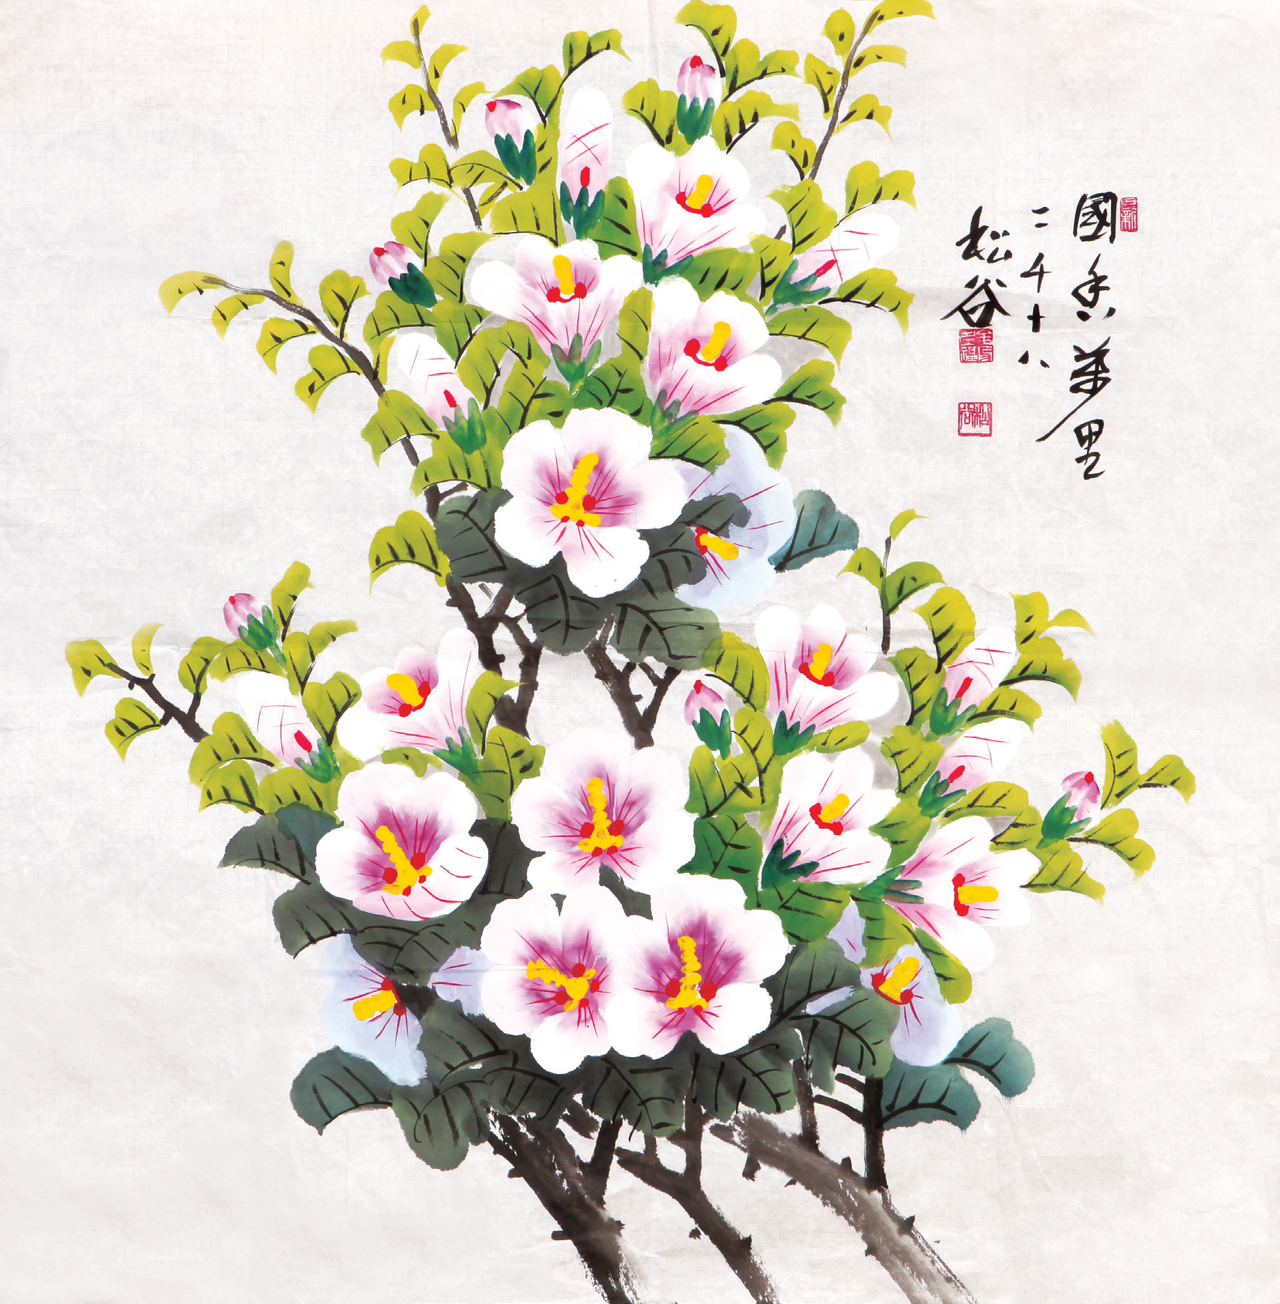 김수복 (한국화)-나라꽃은 향기가 만리에 퍼진다.